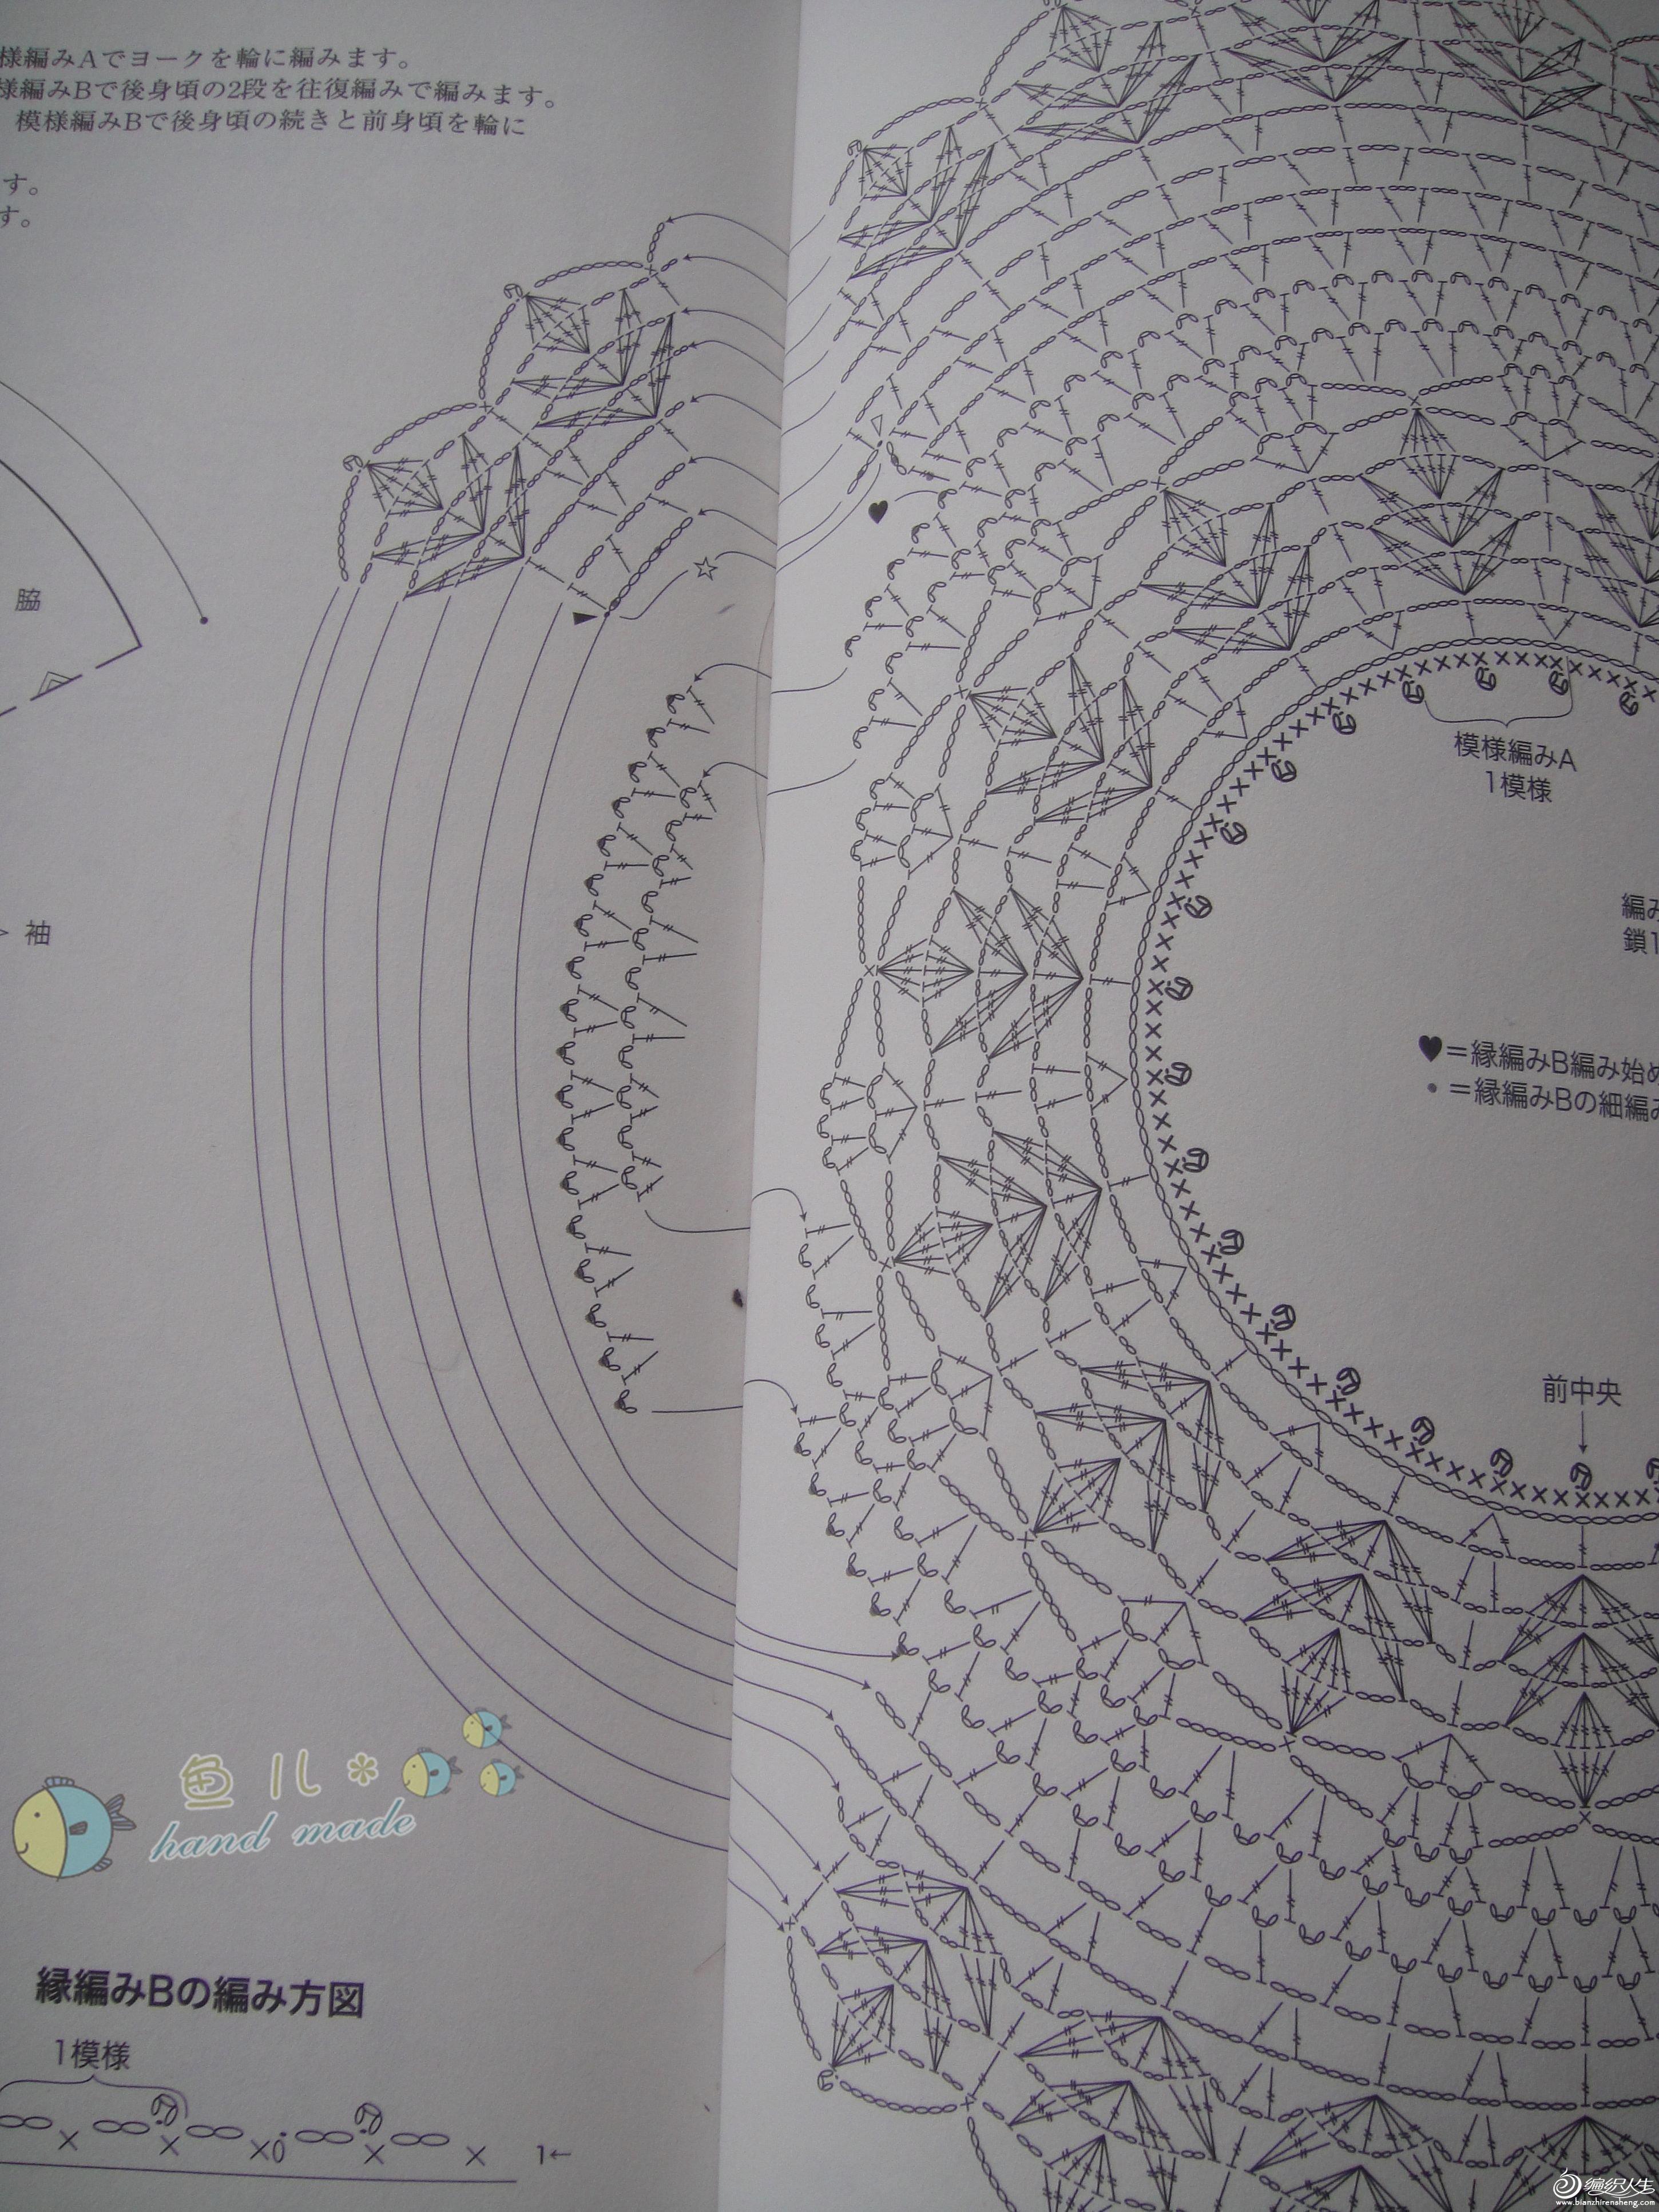 雏菊图解4-1.jpg